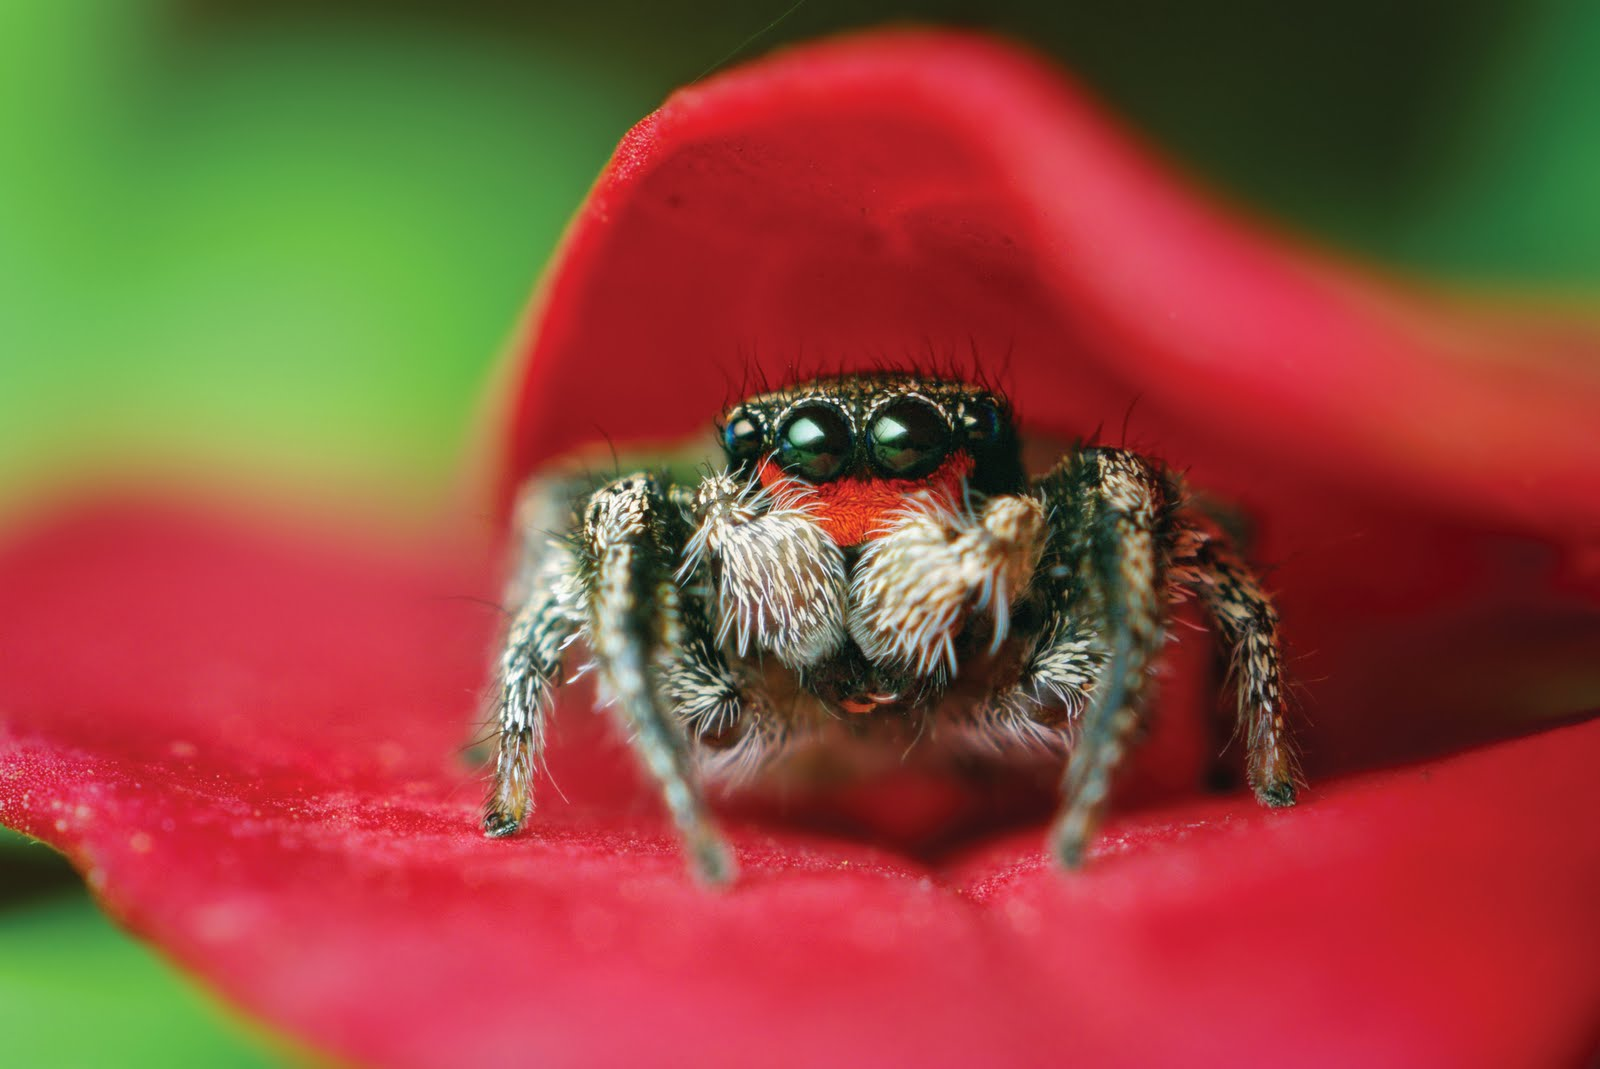 Tecniche di ipnosi: Sognare ragni: cosa vuol dire sognare un ragno